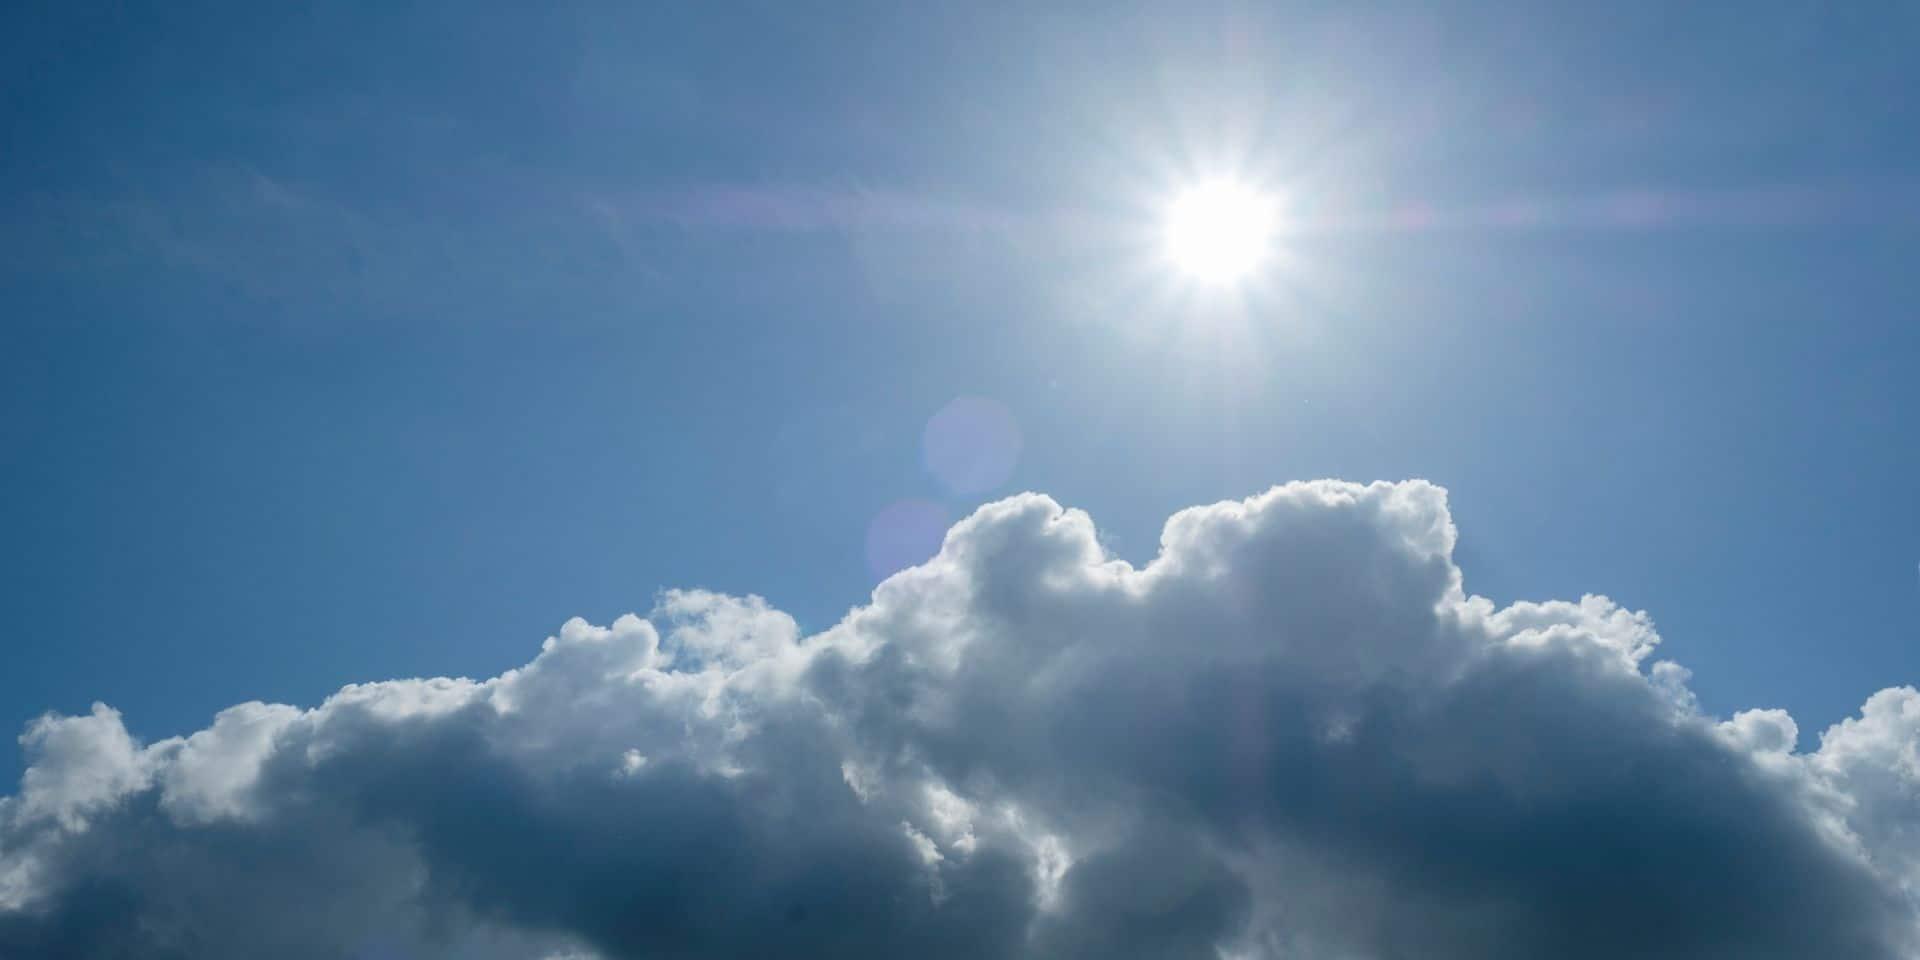 Météo: un temps généralement sec mais frais